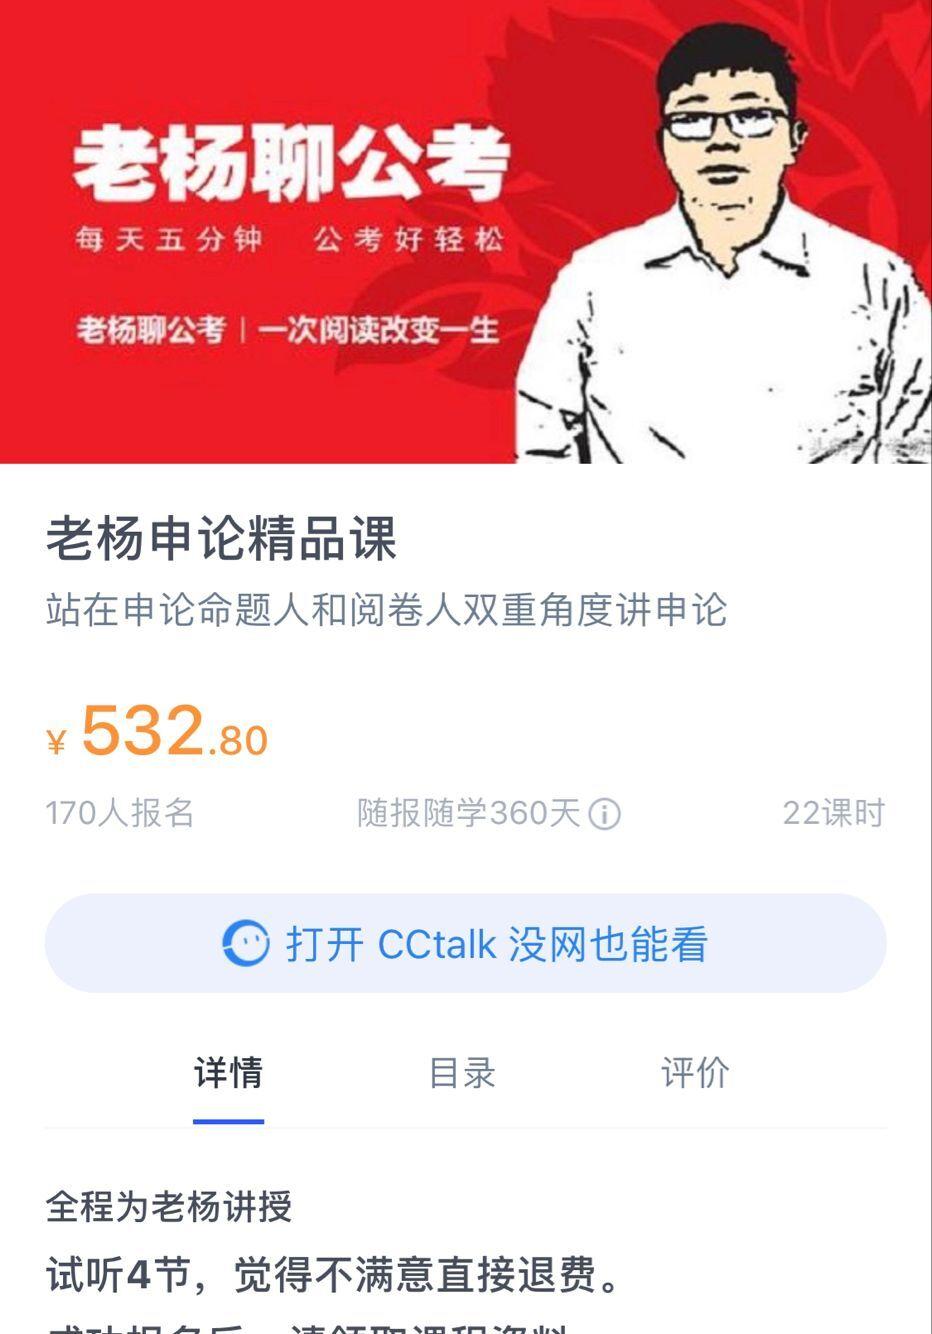 国考老杨申论视频讲义(原价532元,官方承诺无效全额退款)